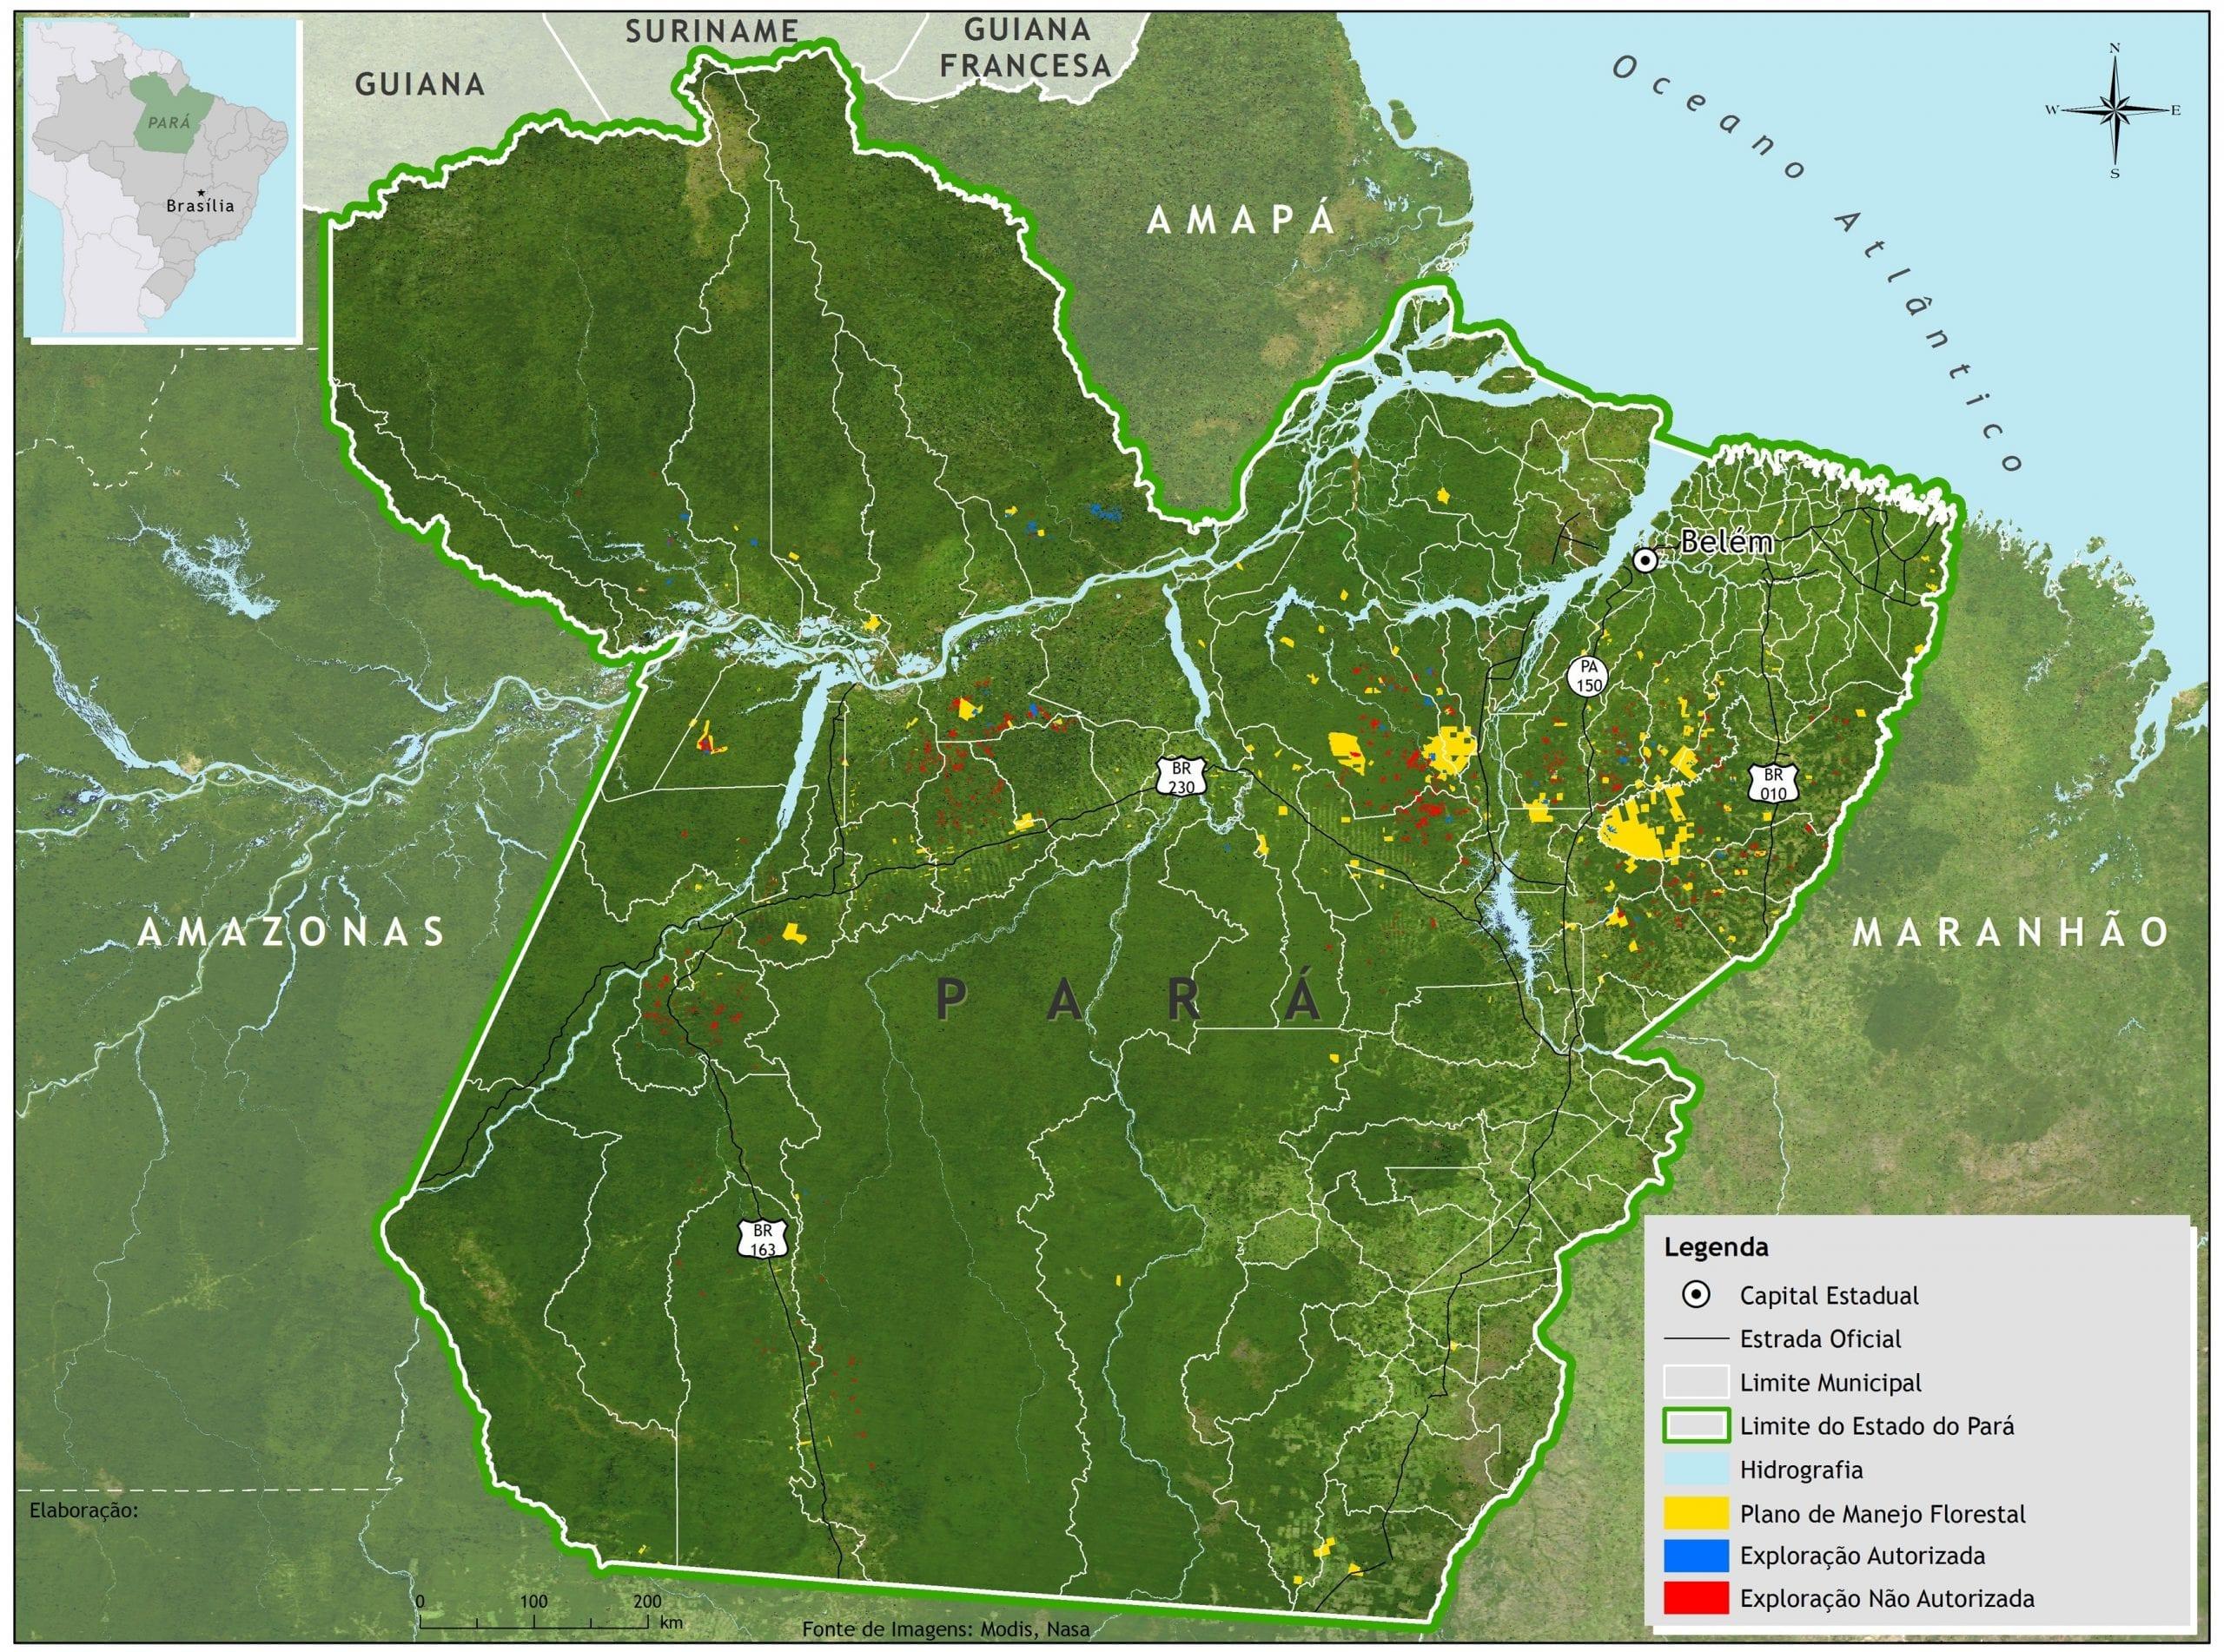 Exploracao ilegal Para Imazon - Exploração autorizada (manejo florestal) e não autorizada (predatória e ilegal) de madeira no Estado do Pará entre agosto/2011 e julho/2012.